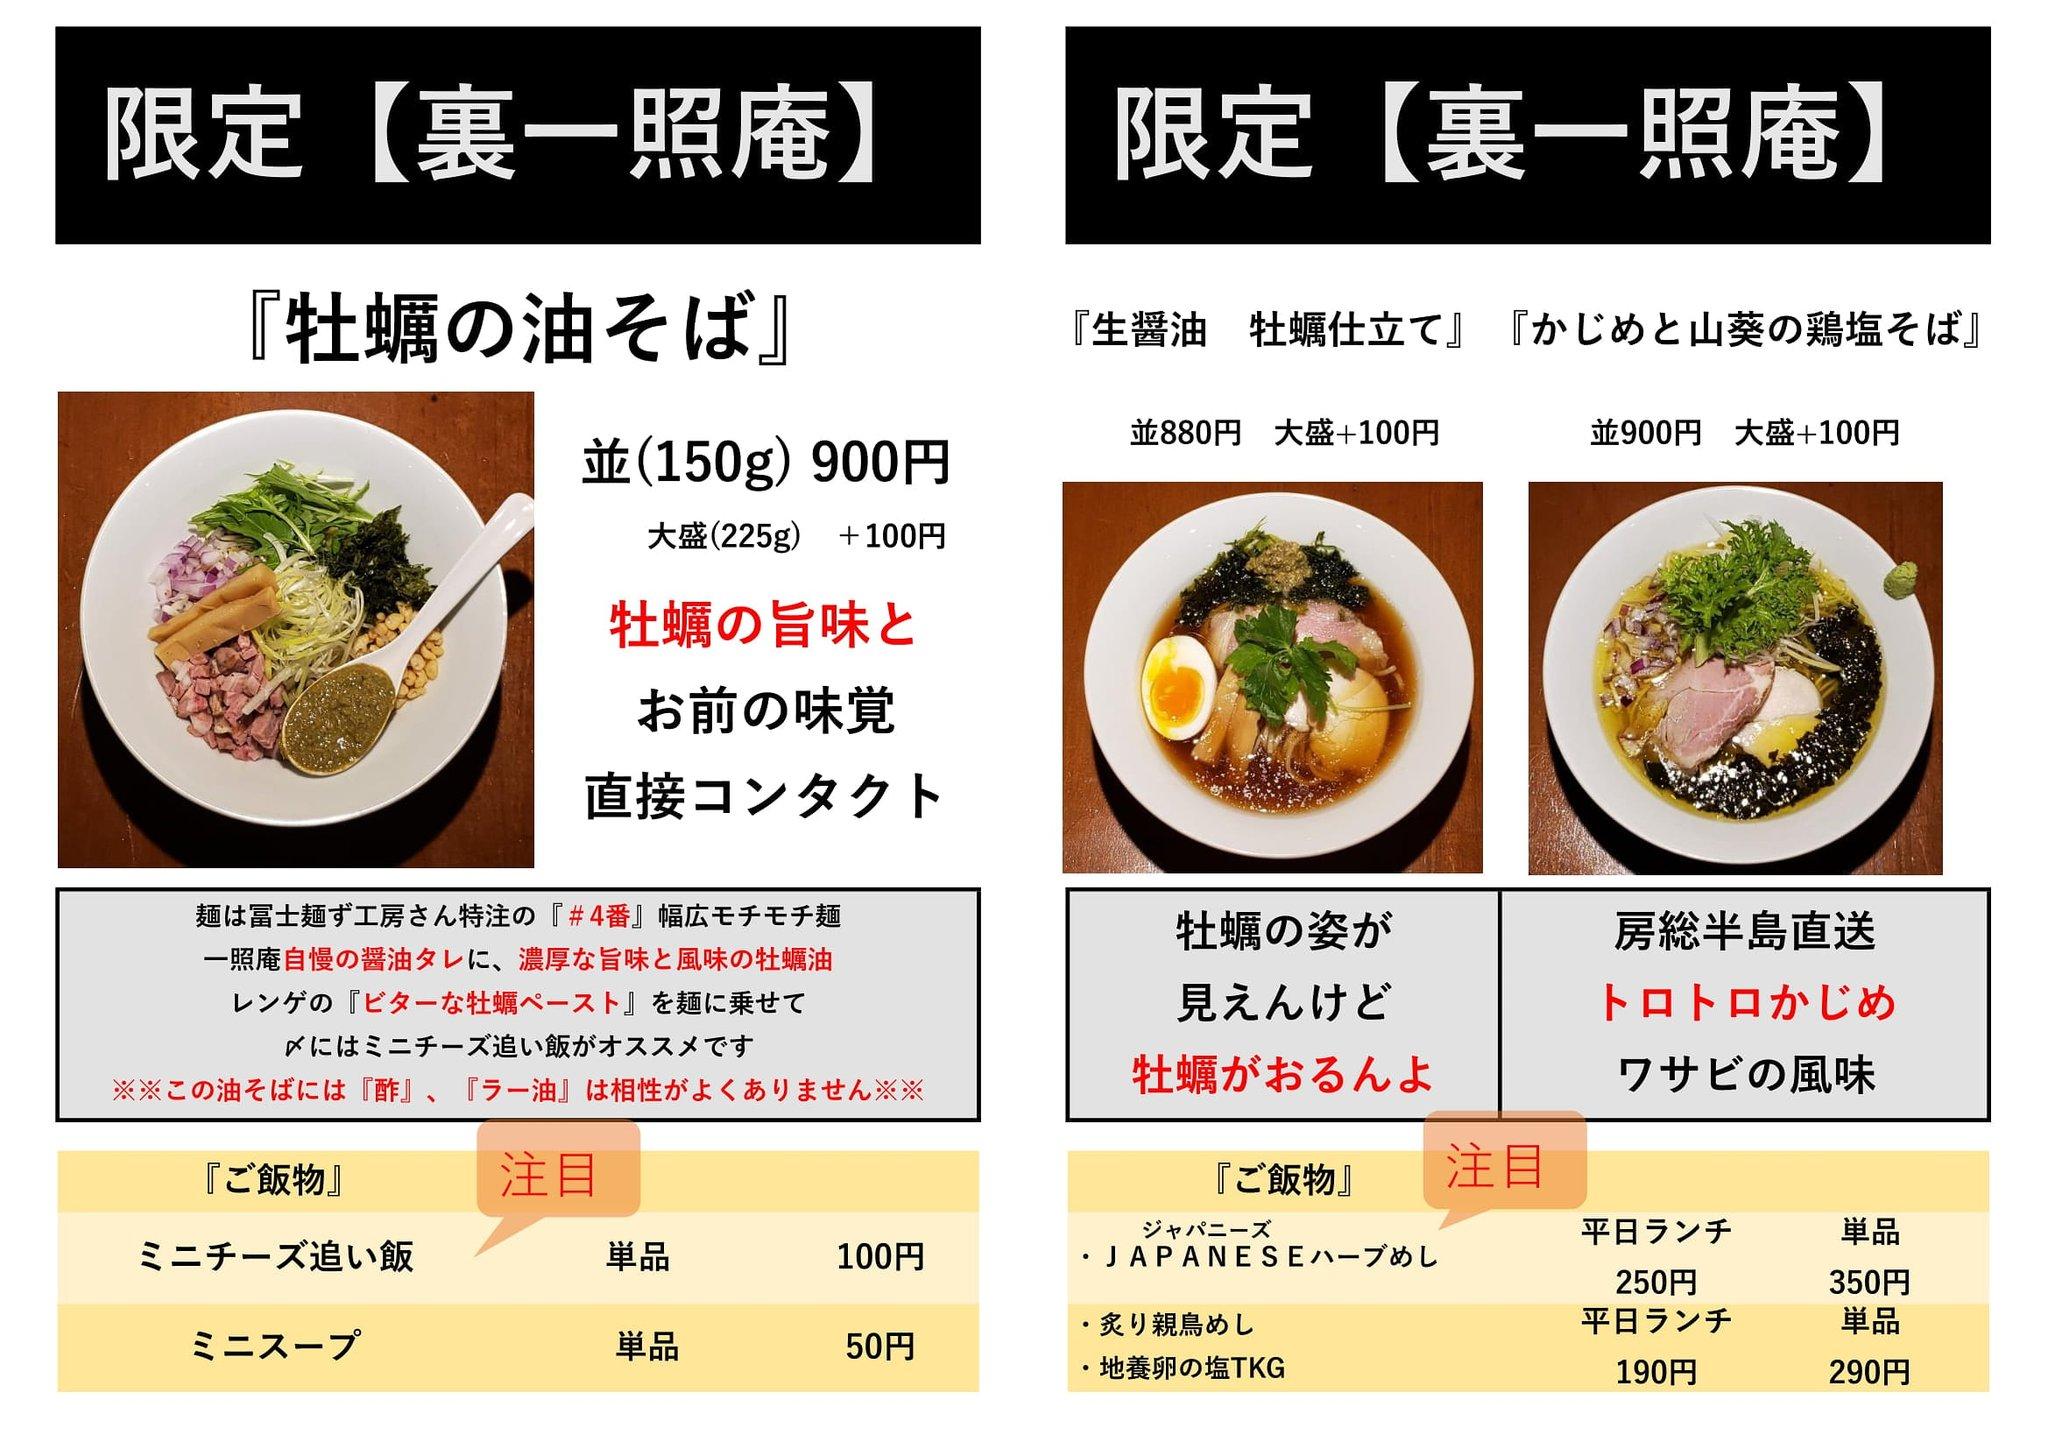 210409麺酒一照庵_ 210300裏一照庵広告